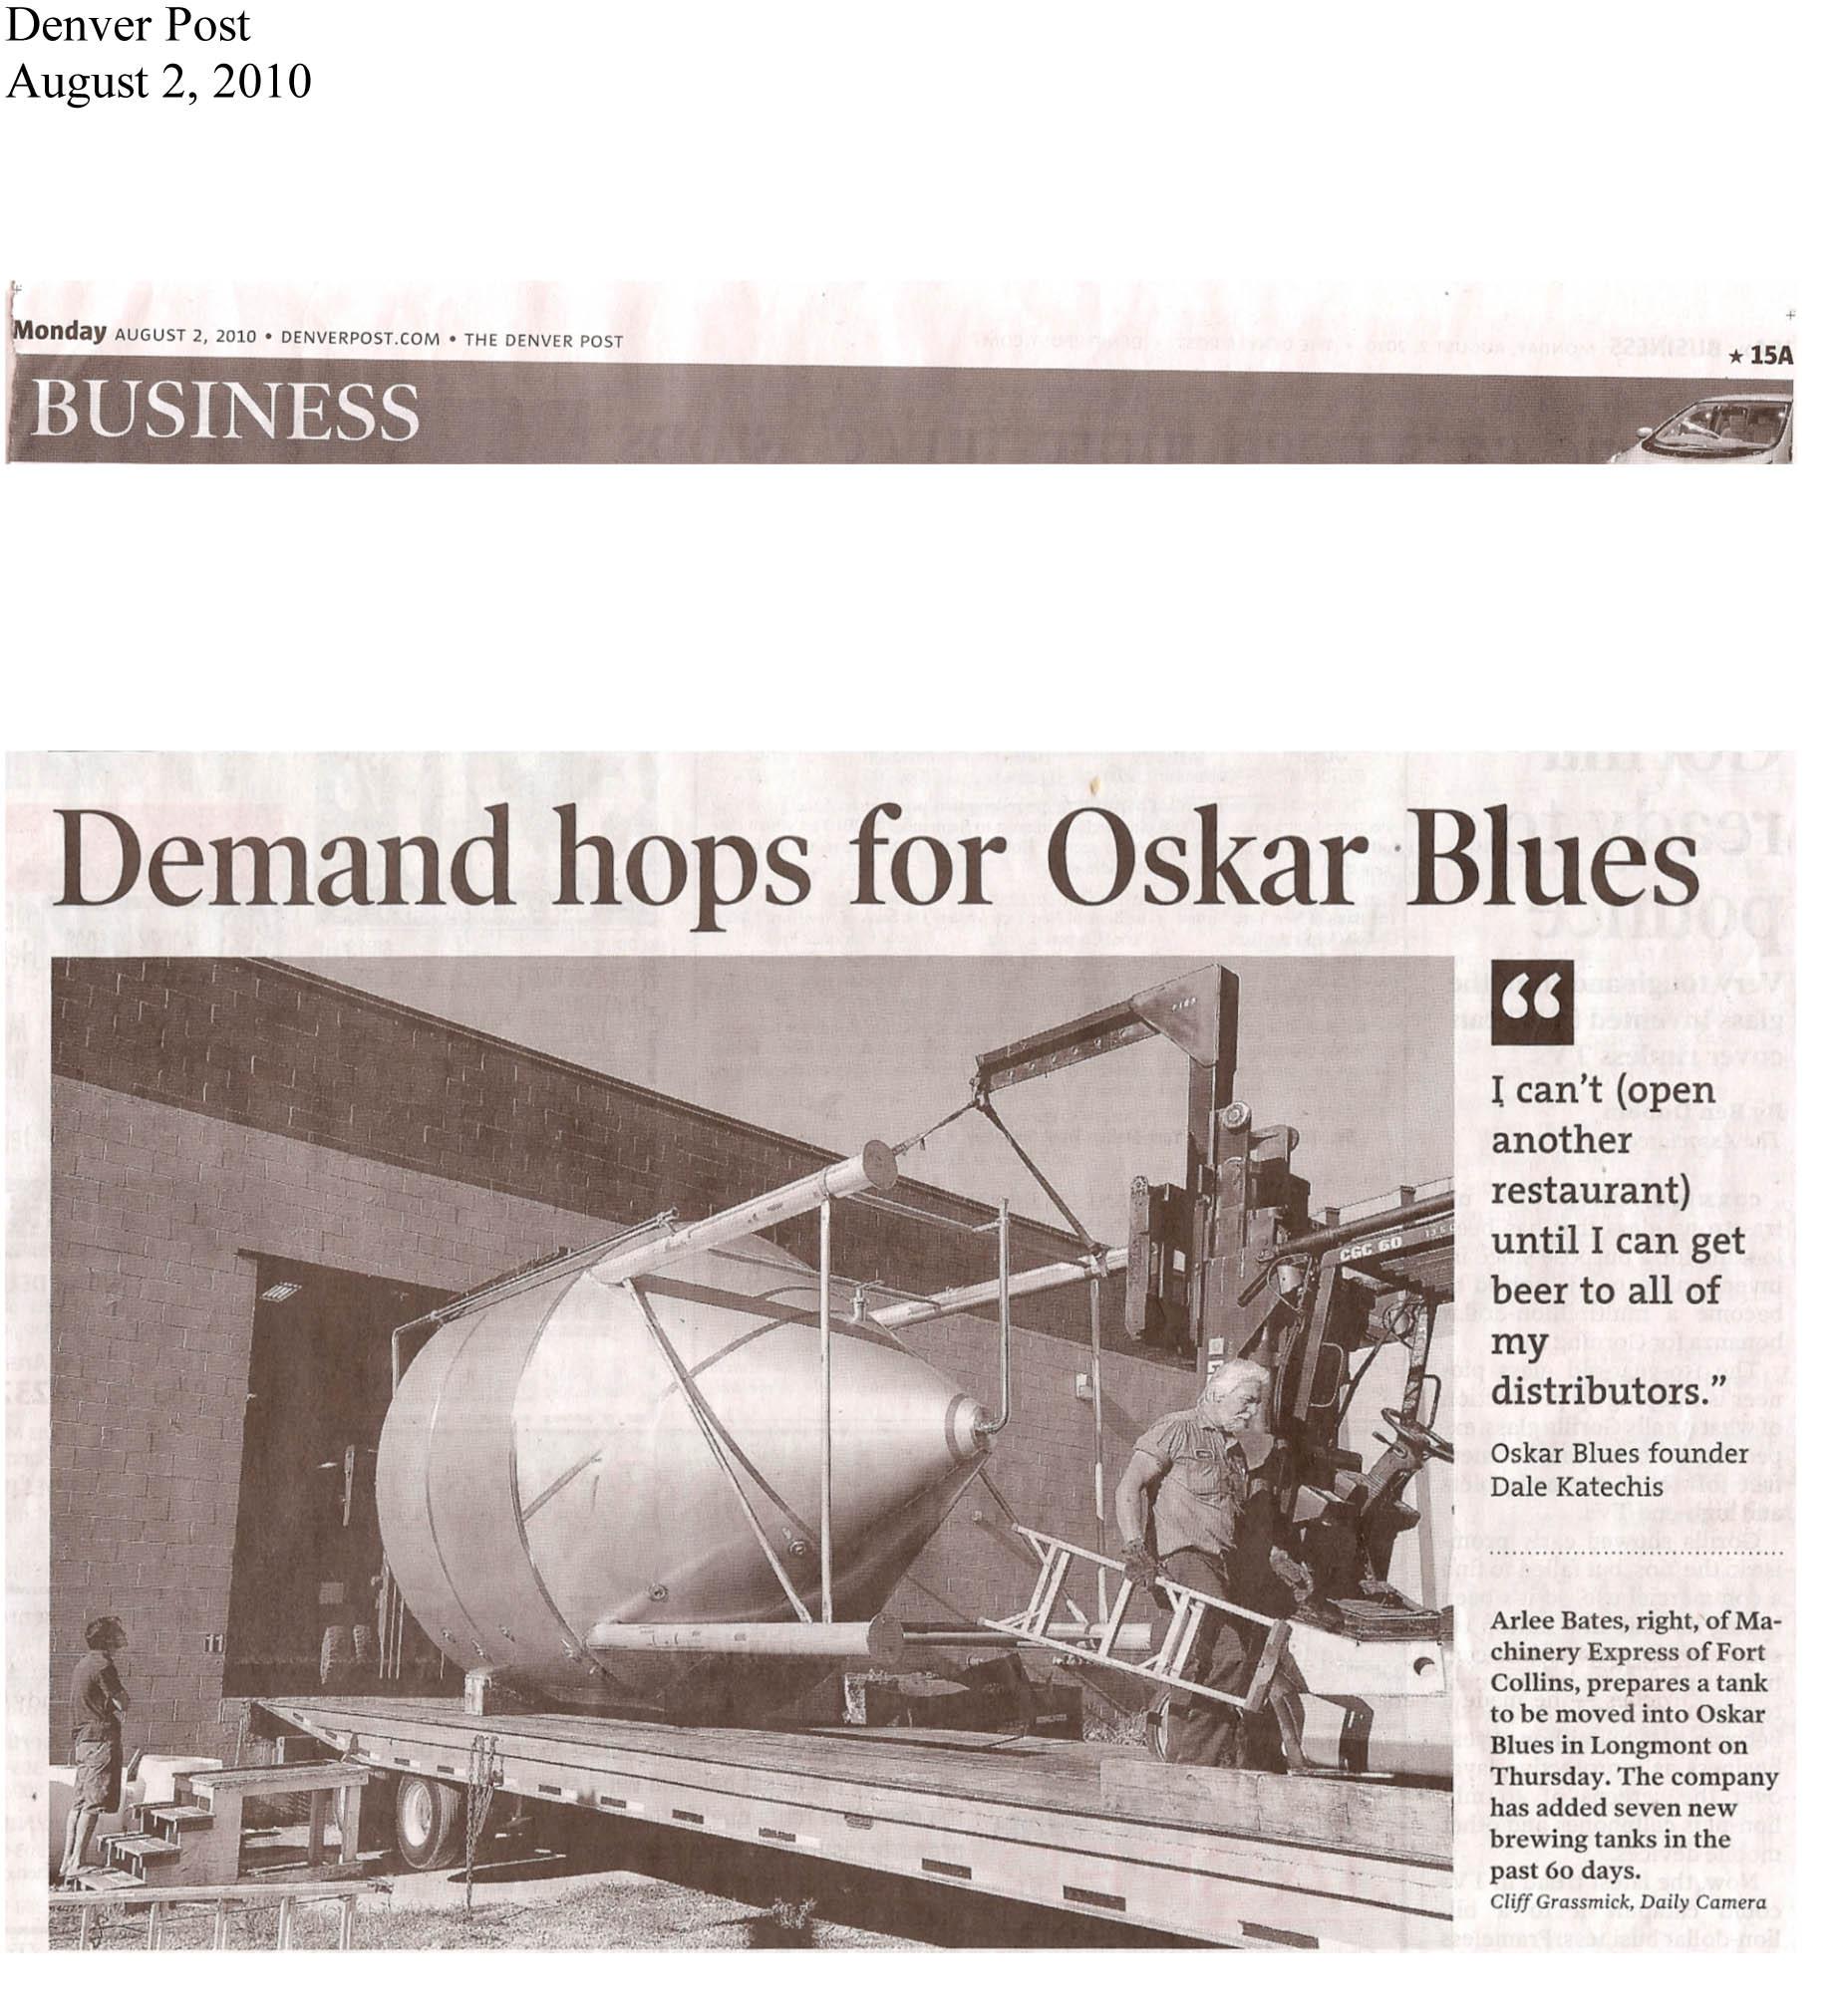 oskar_Denver Post 8.2.10.jpg